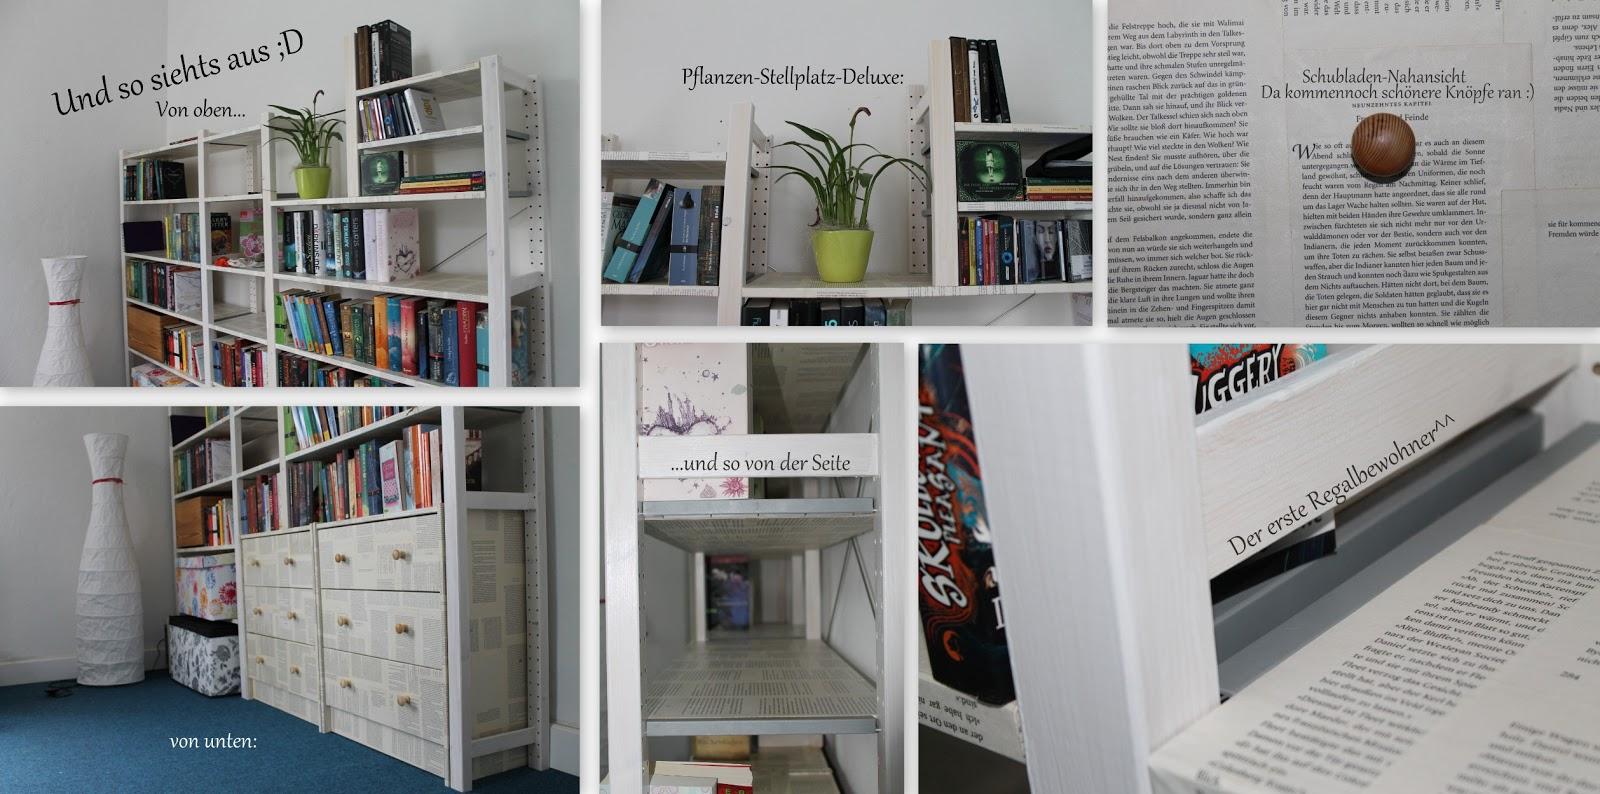 thelostwor l d workshop wie man b cherregale mit buchseiten tapeziert aka regal buch ception. Black Bedroom Furniture Sets. Home Design Ideas